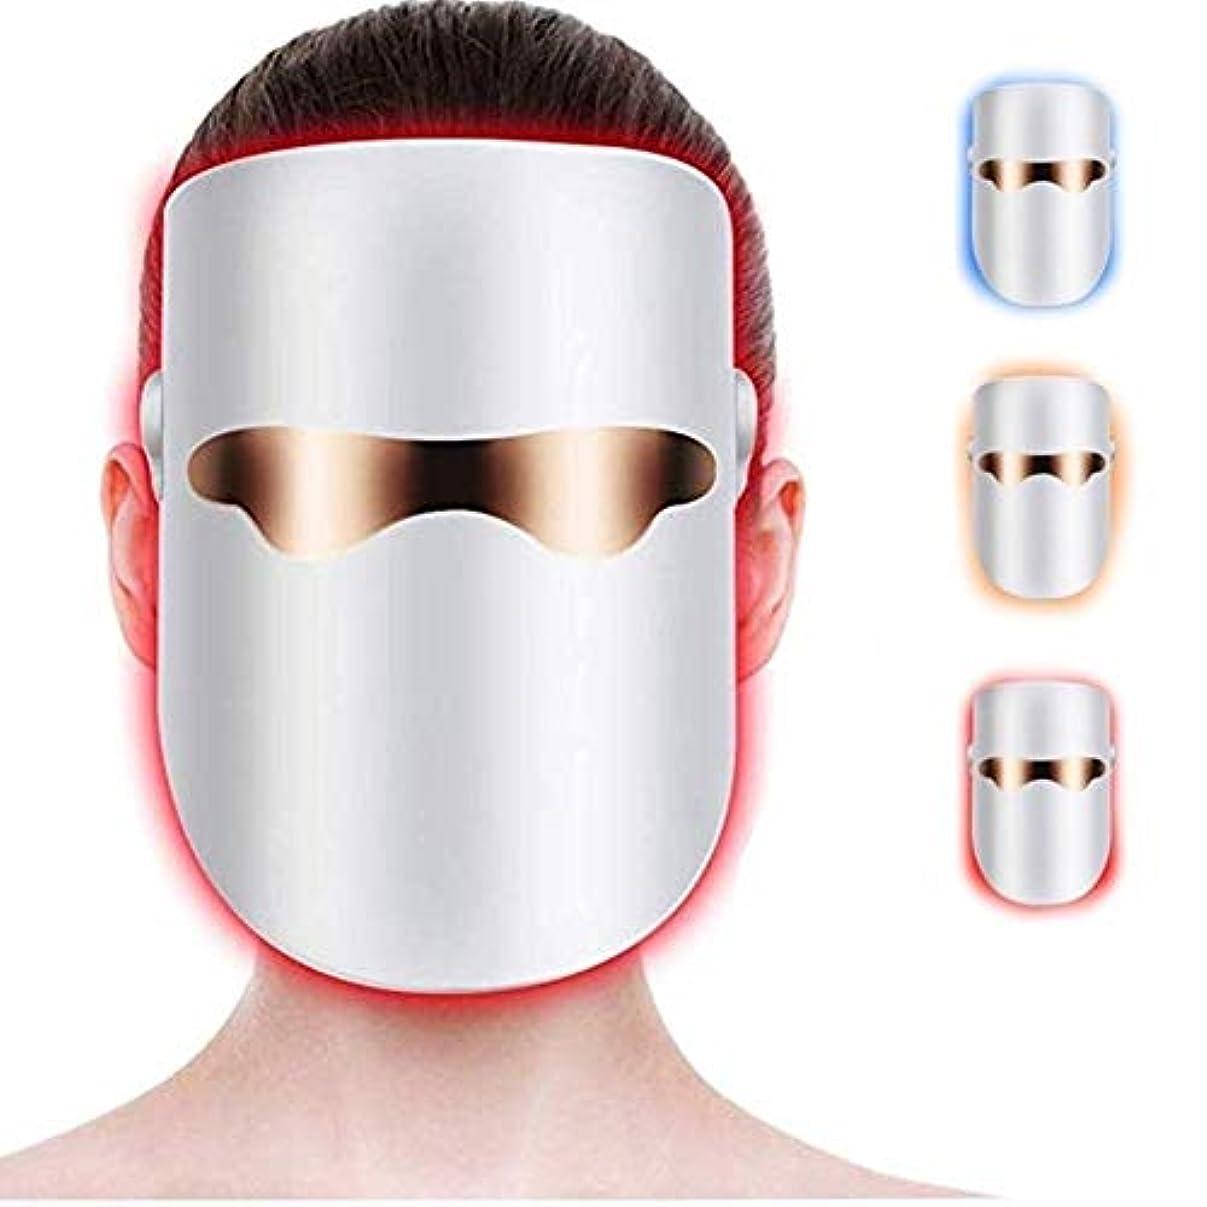 粘着性居心地の良い判読できないLEDフェイシャルマスク、3色のライトセラピーにきびマスク、ツェッペリン光子セラピー?フェイシャル美容無制限のトリートメントのためにアクネスポットリンクルコラーゲンフェイススキンケア若返りマスク (Color : M1)